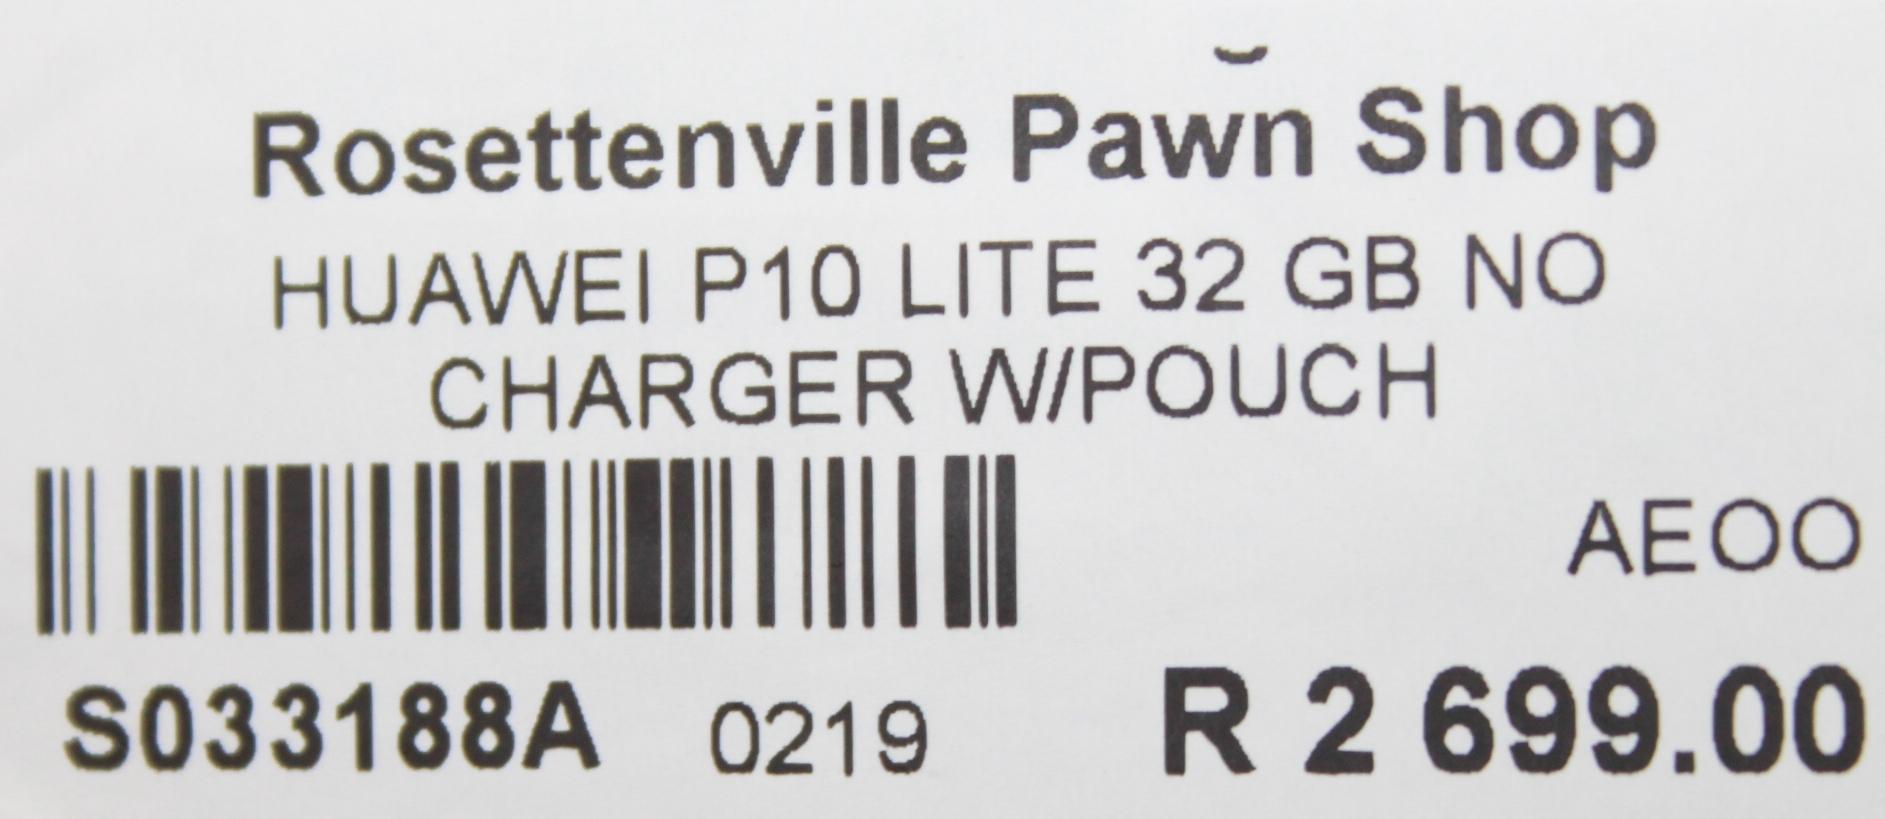 Huawei p10 S033188a #Rosettenvillepawnshop